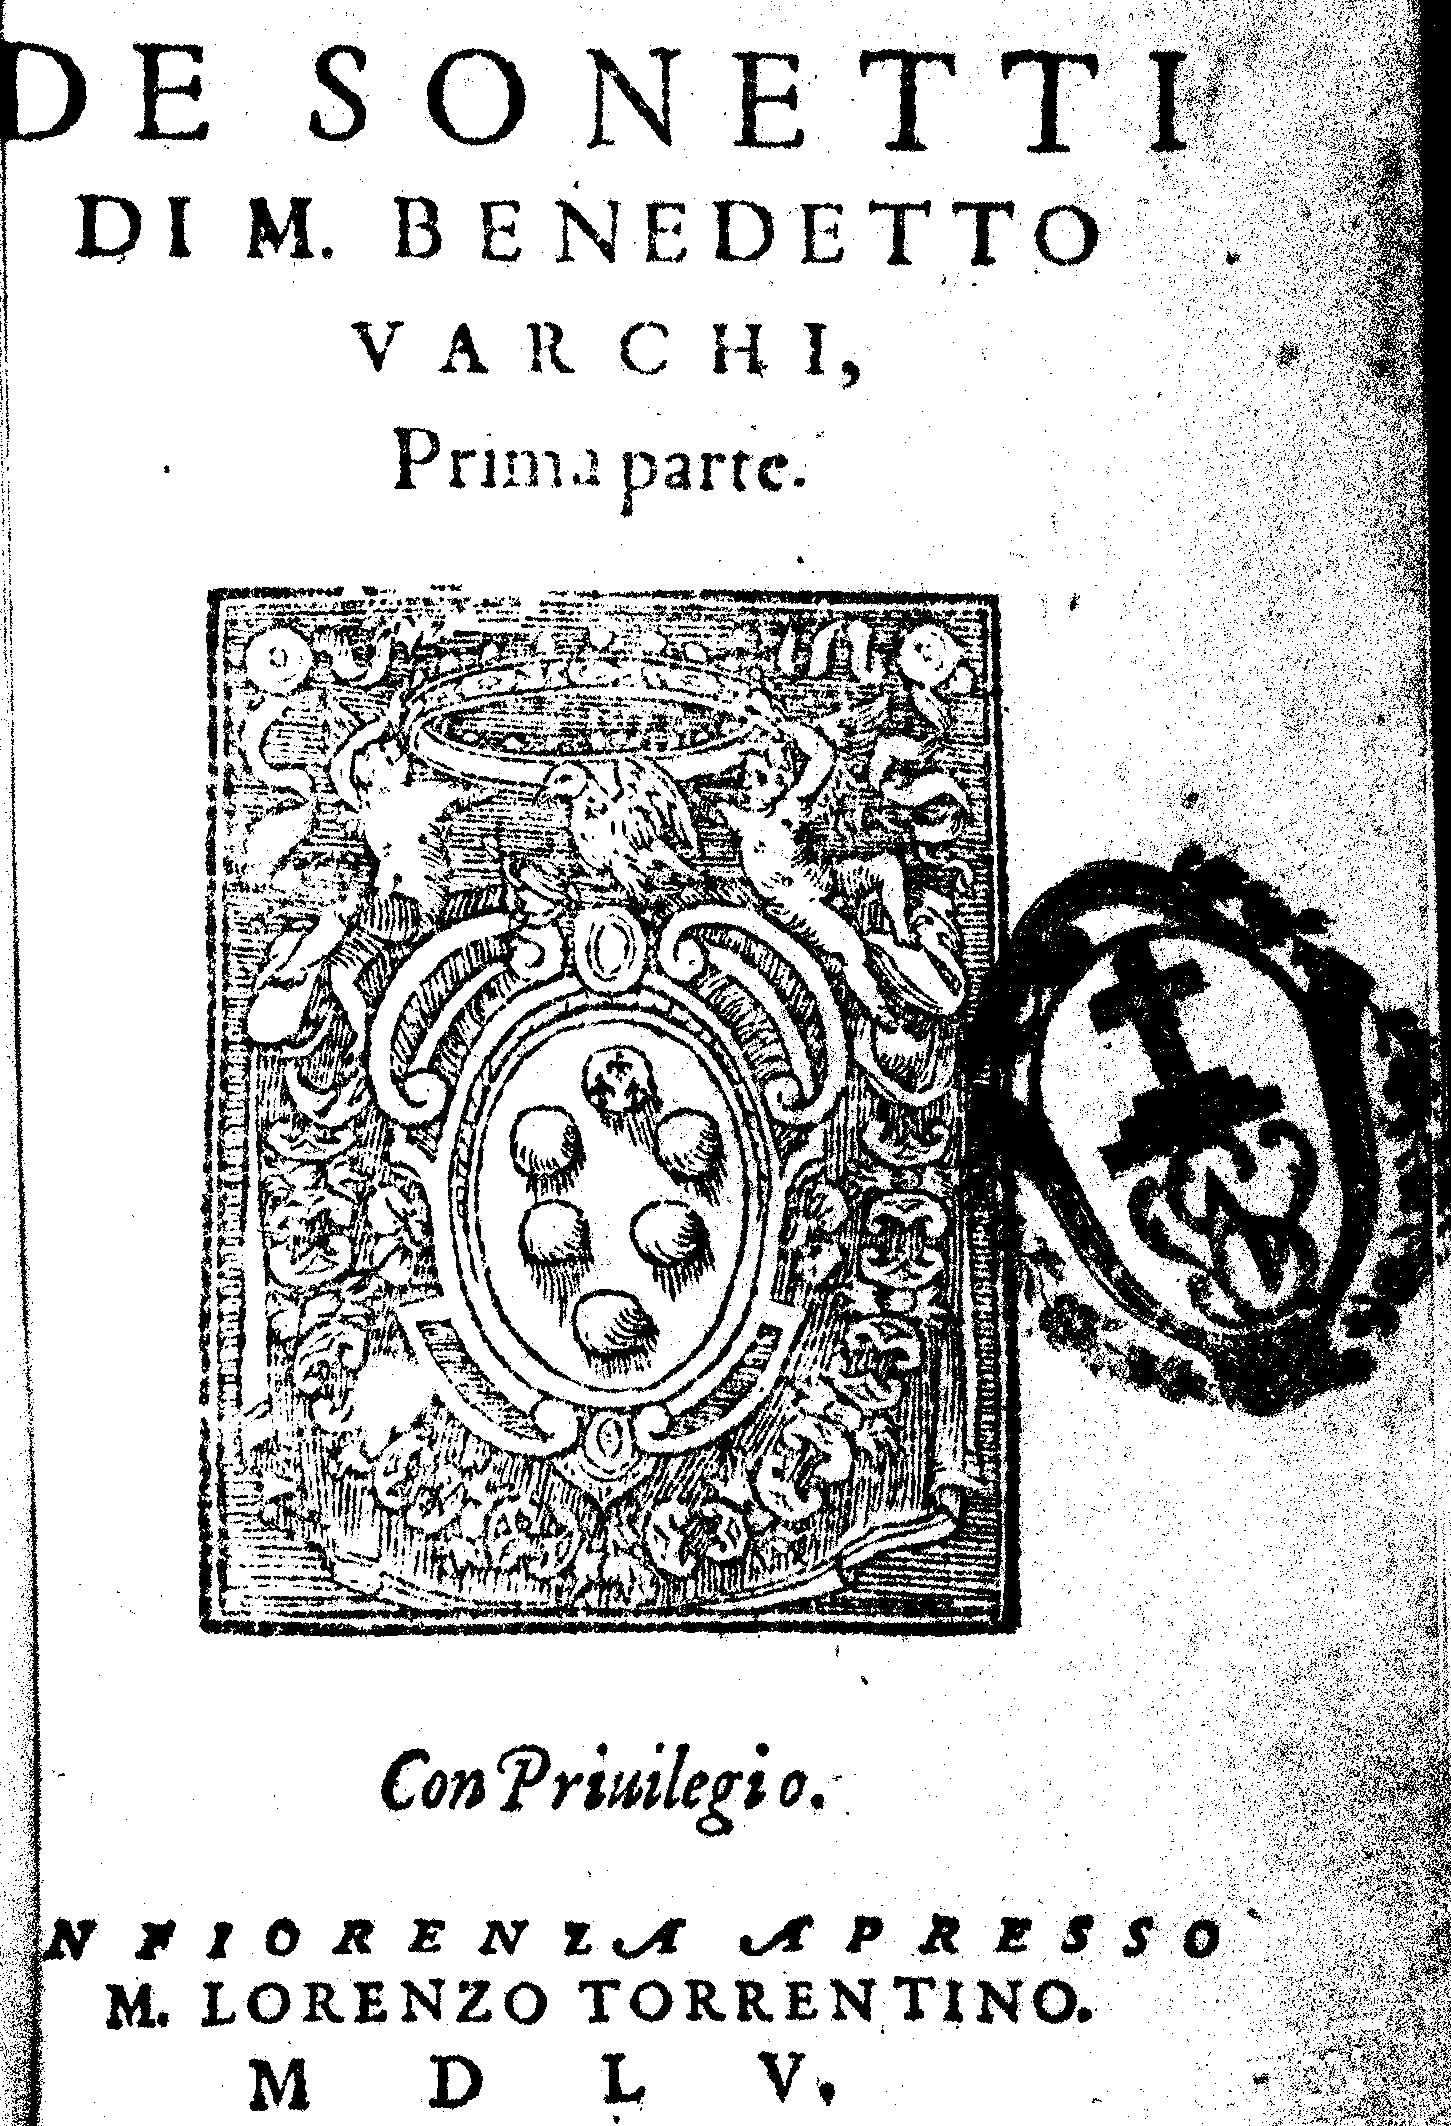 varchi benedetto dei sonetti 1555 fondation barbier. Black Bedroom Furniture Sets. Home Design Ideas